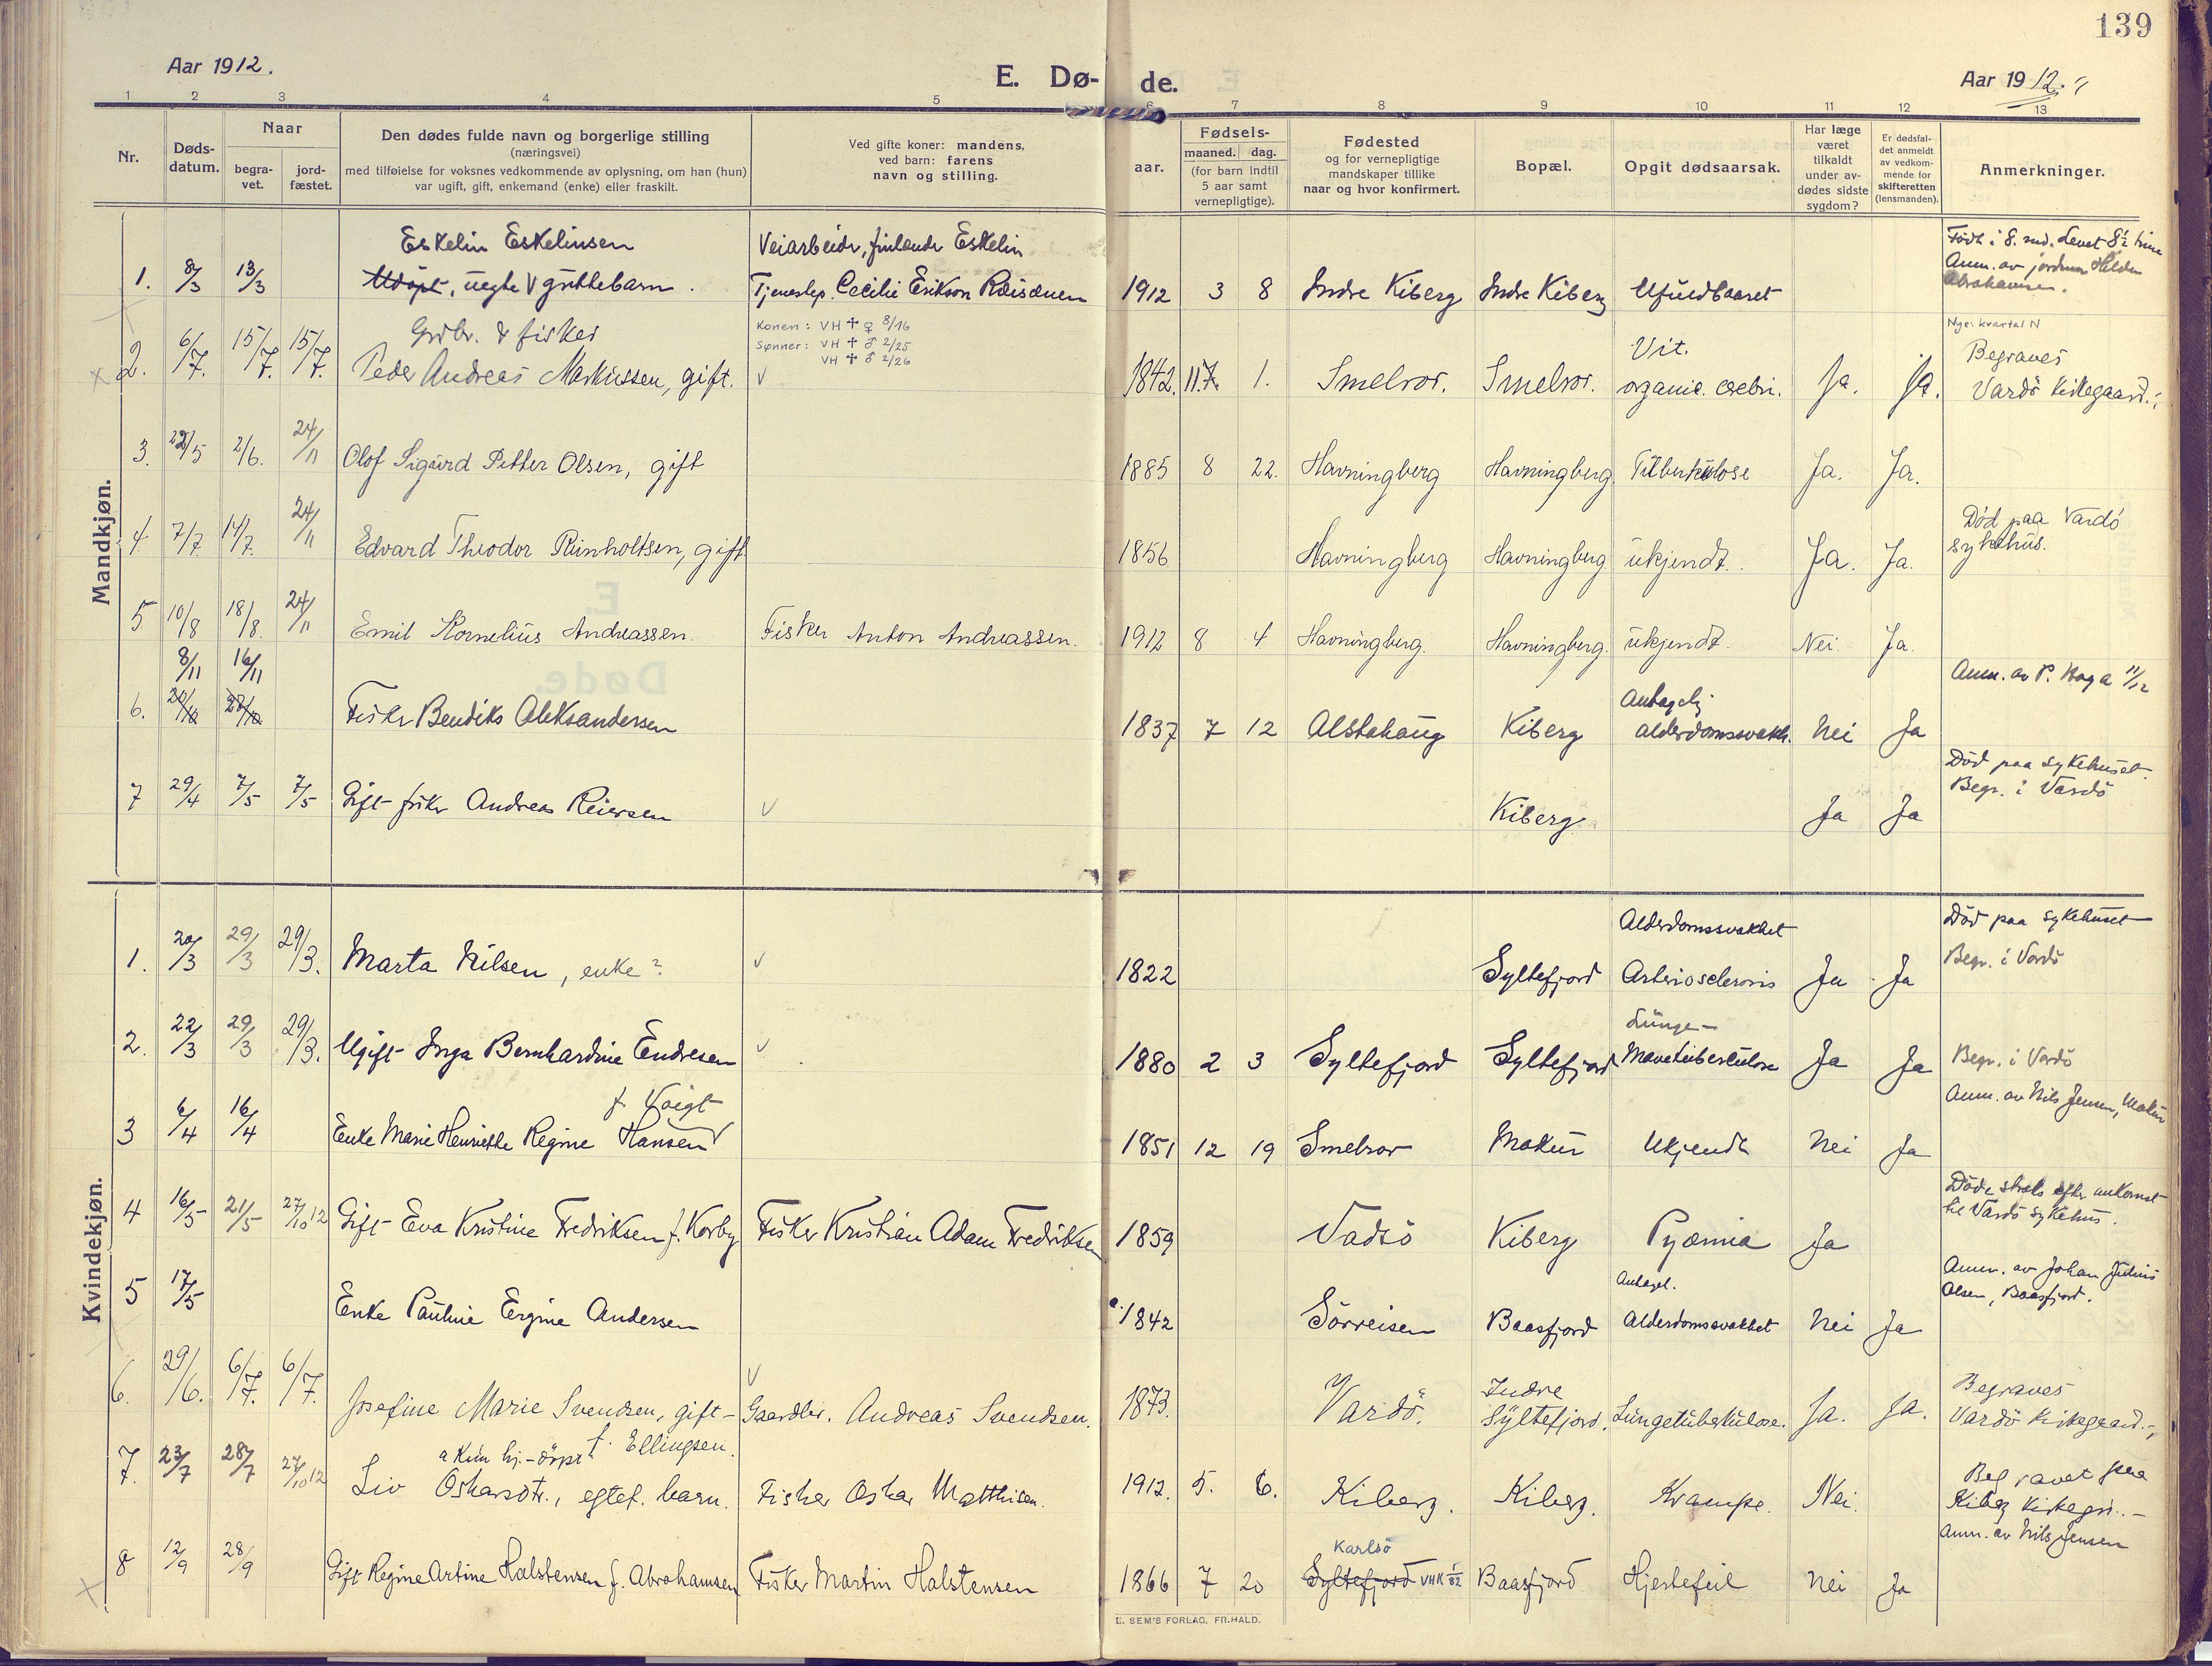 SATØ, Vardø sokneprestkontor, H/Ha/L0013kirke: Ministerialbok nr. 13, 1912-1928, s. 139